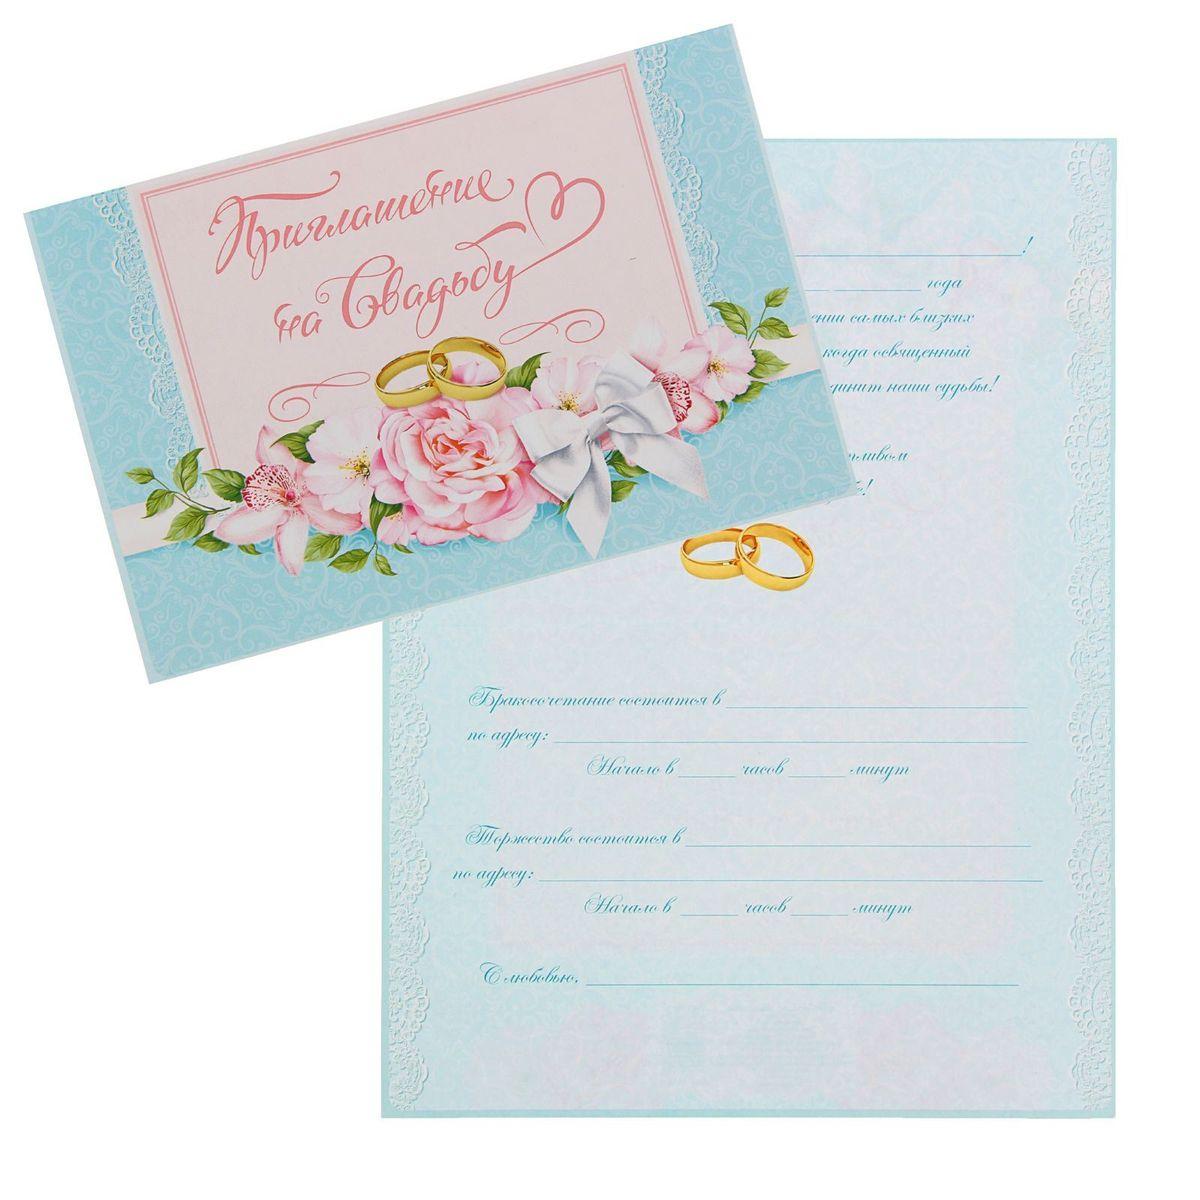 Приглашение на свадьбу Sima-land Тиффани, 18 х 12 см1333778Свадьба - одно из главных событий в жизни каждого человека. Для идеального торжества необходимо продумать каждую мелочь. Родным и близким будет приятно получить индивидуальную красивую открытку с эксклюзивным дизайном.